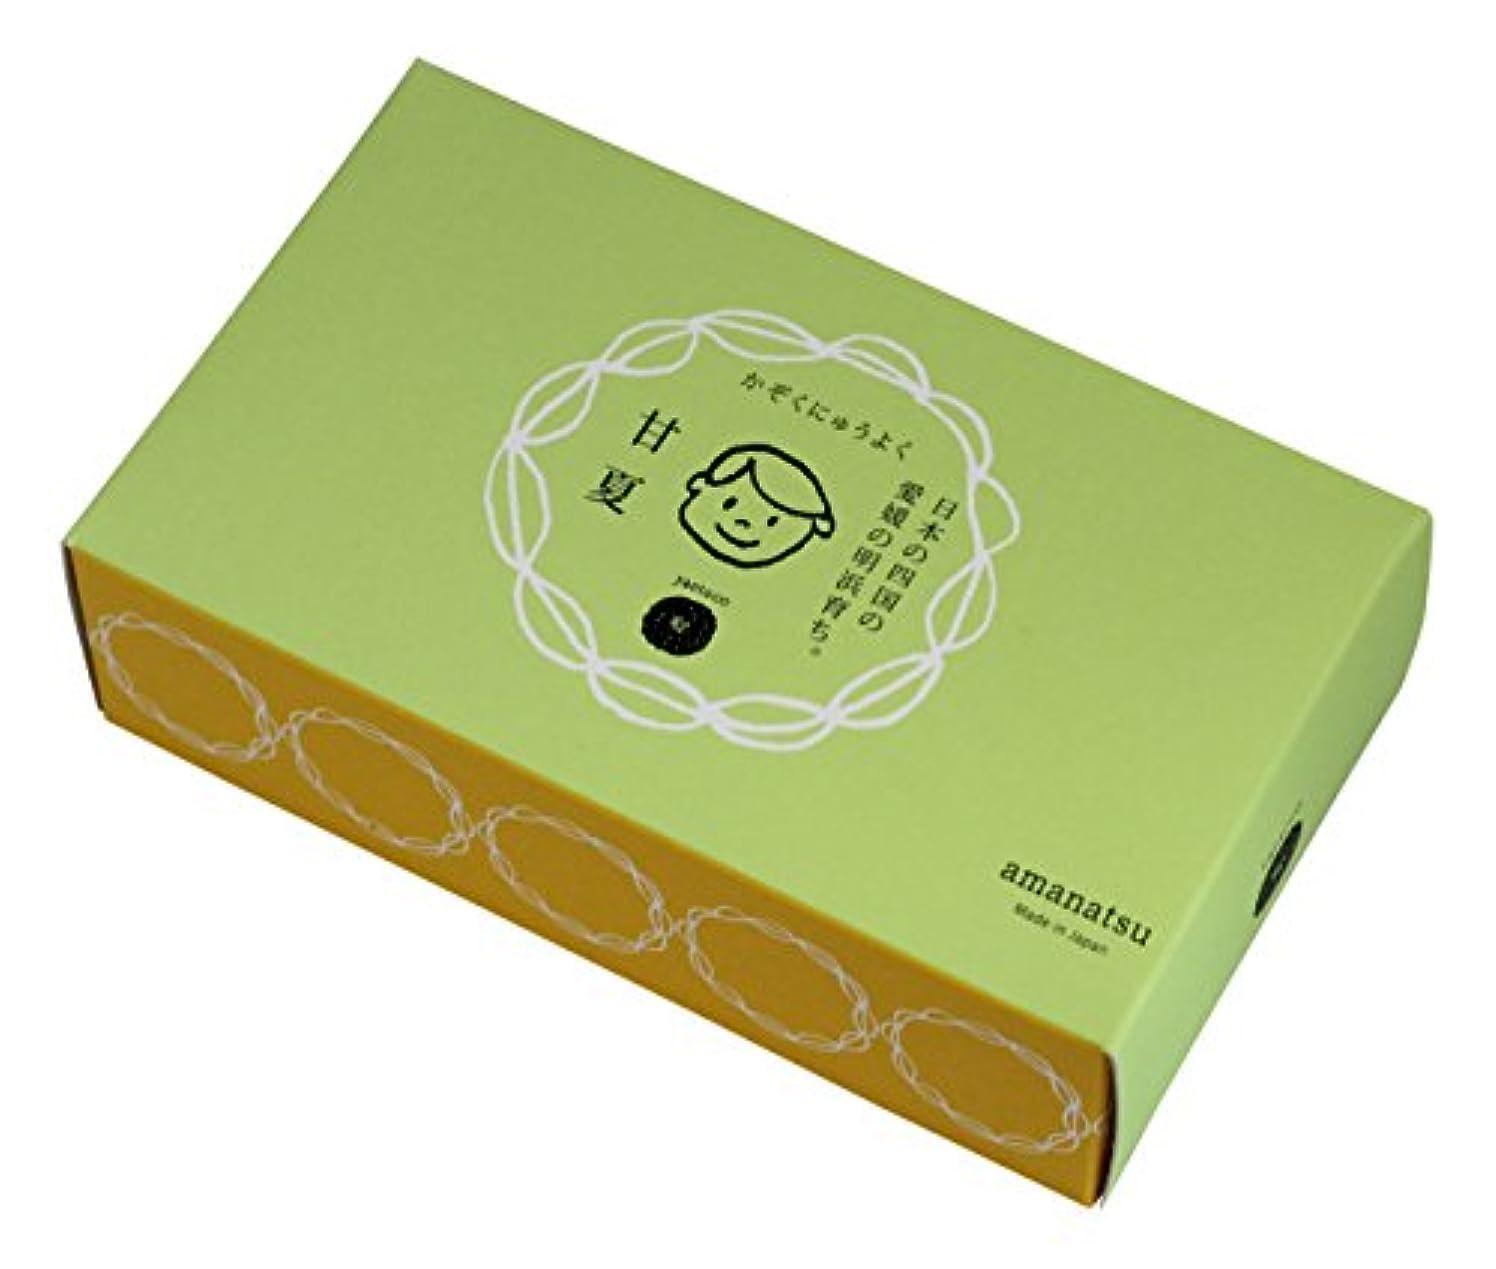 レオナルドダ福祉鈍いyaetoco バスソルト 甘夏の香り(箱売り)50g×5P